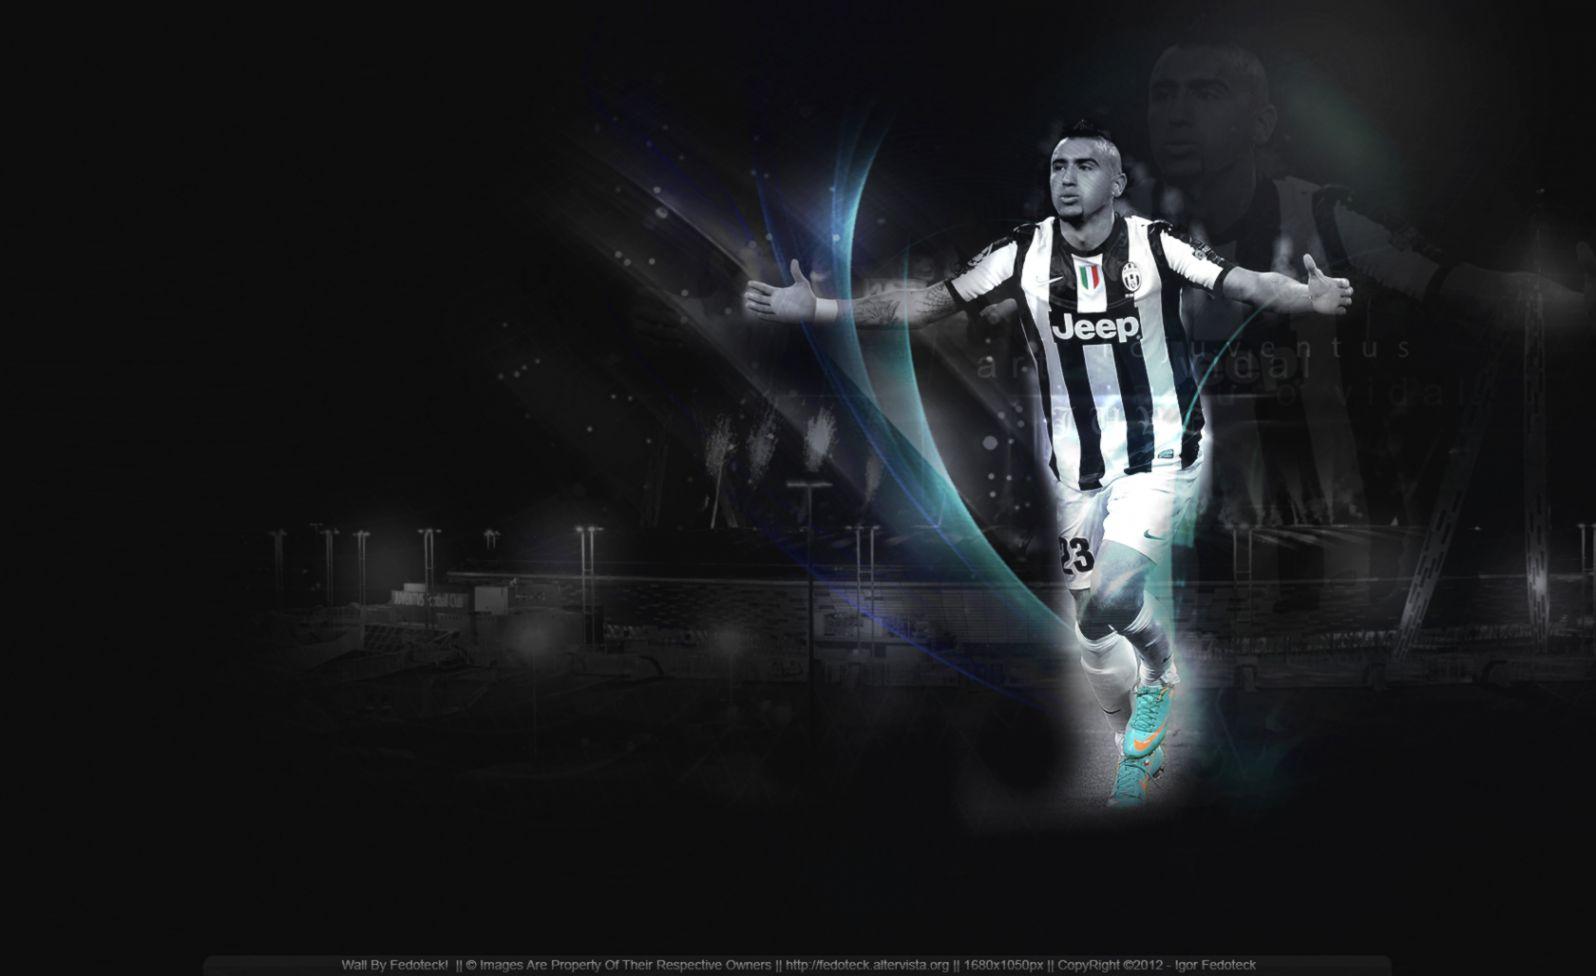 Arturo Vidal Juventus Wallpaper Pack Wallpapers